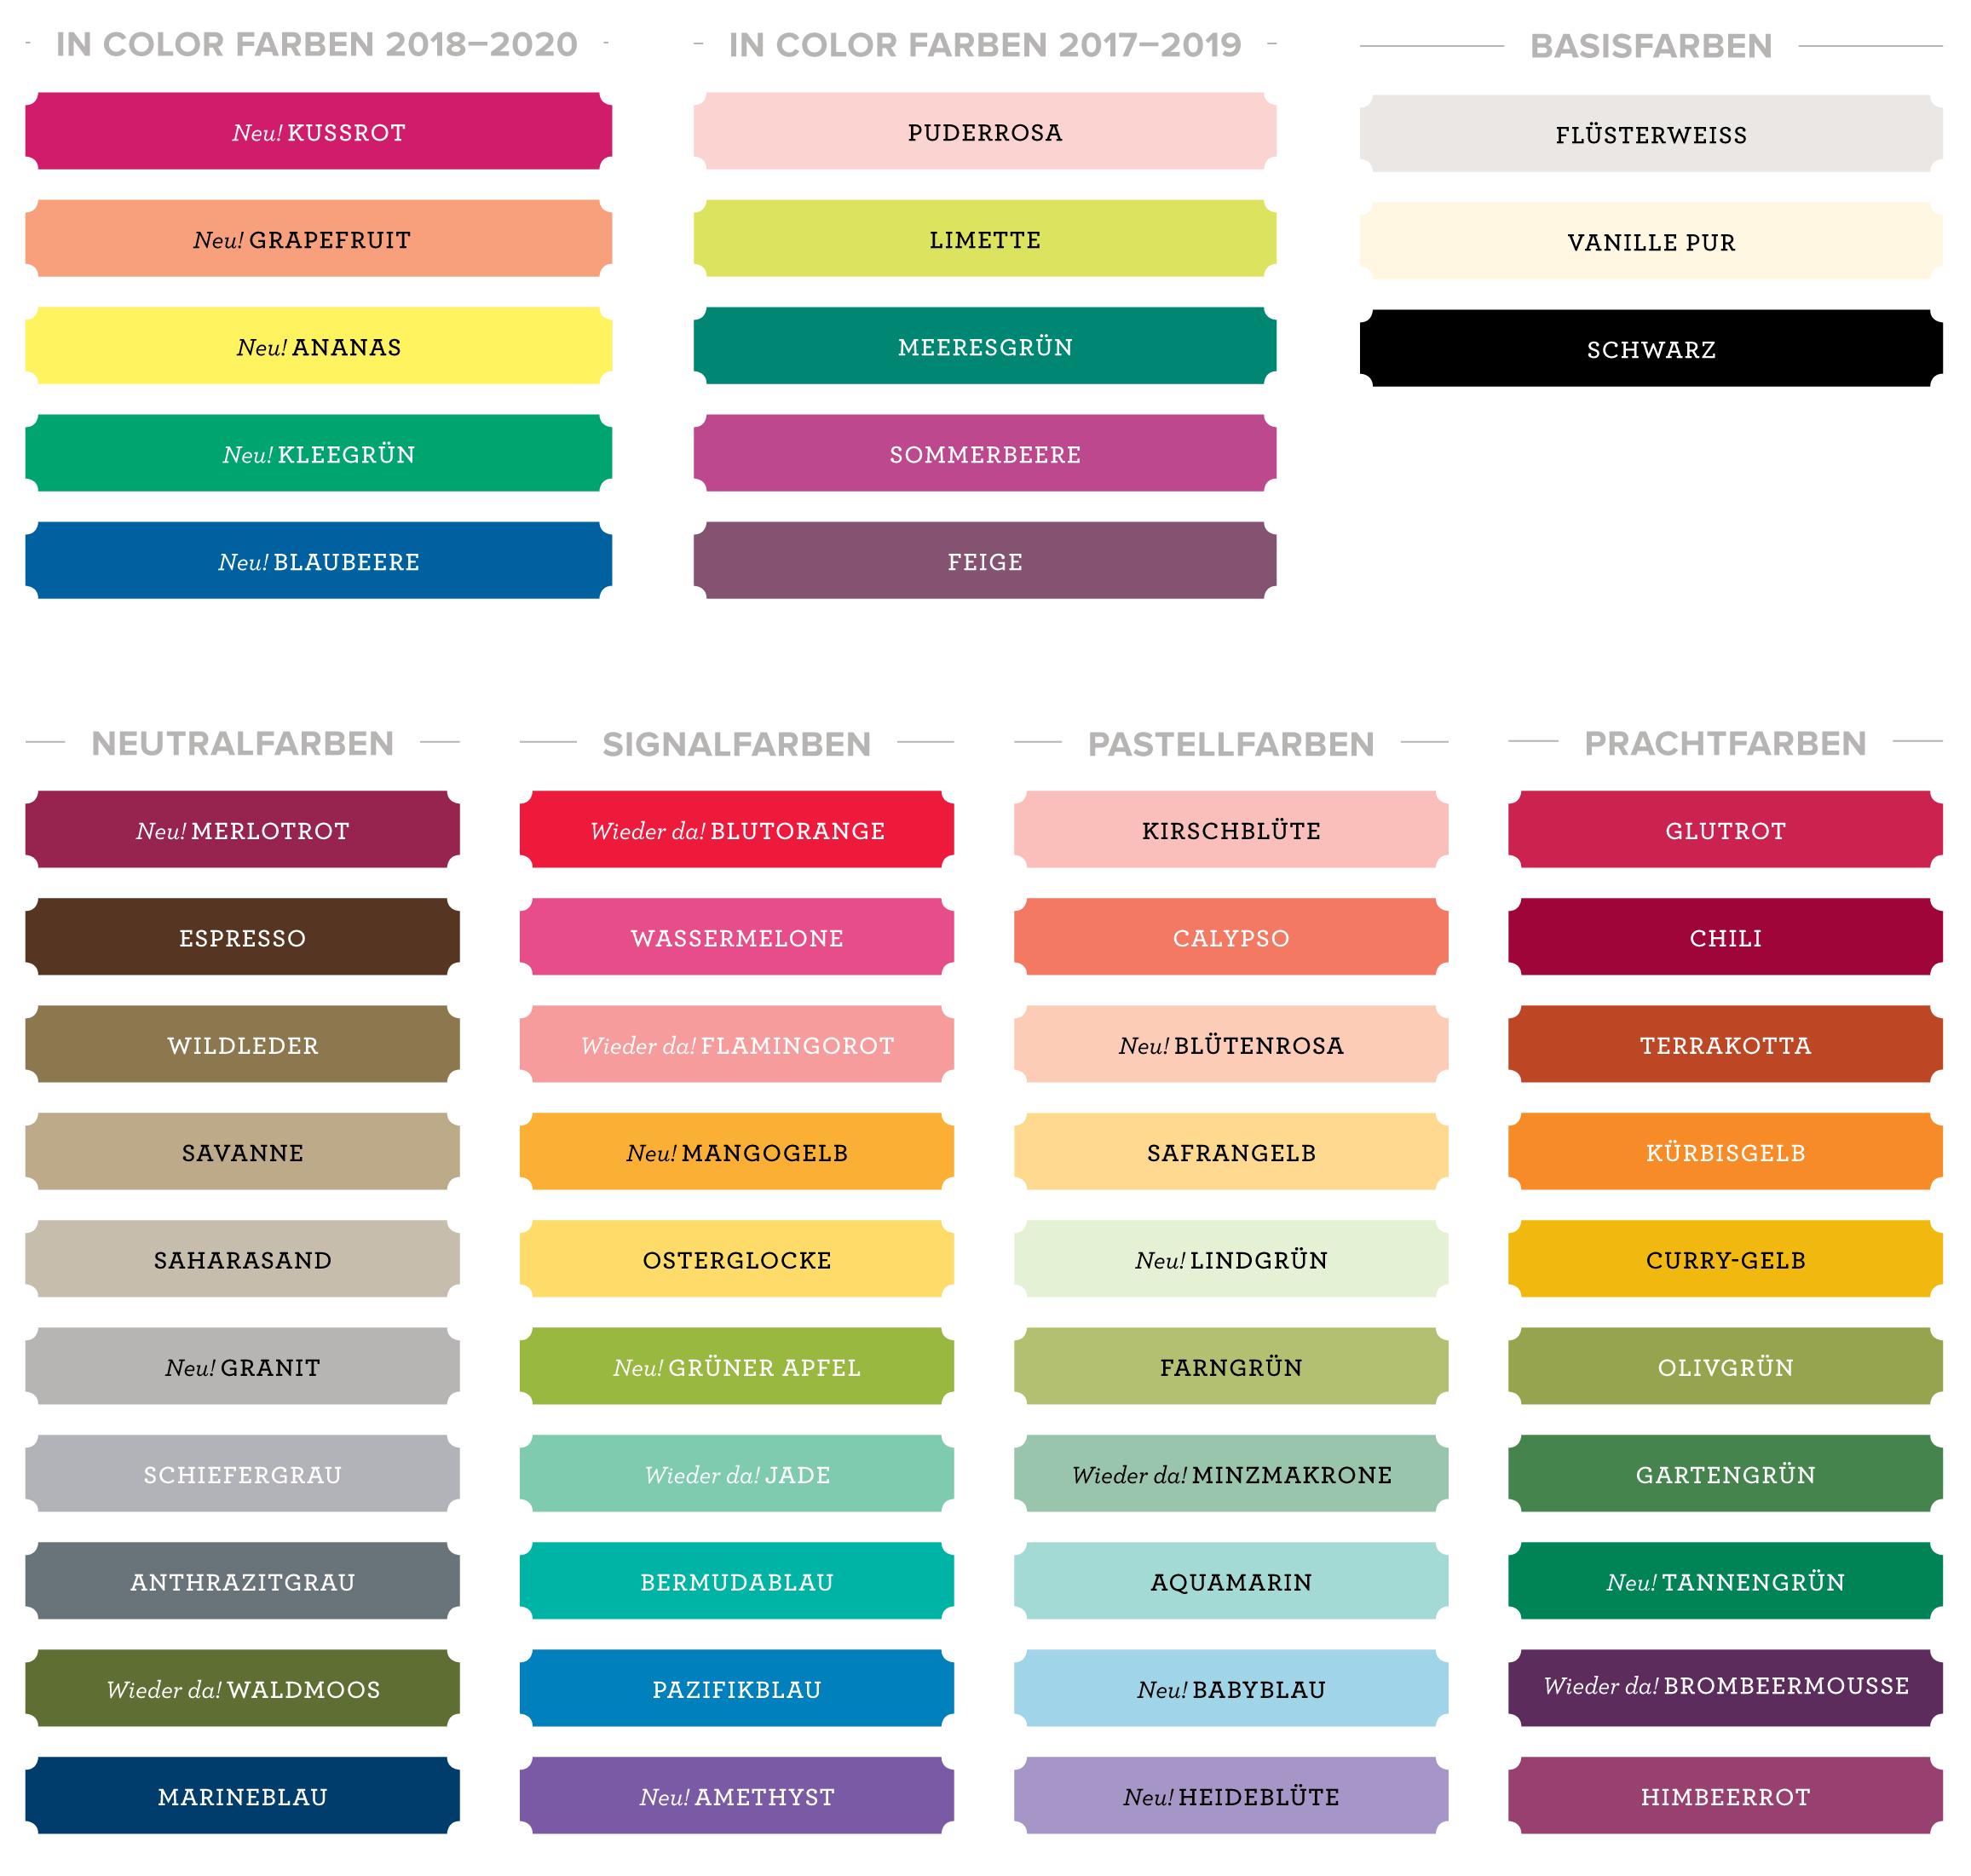 Welche Farben Gibt Es.Farberneuerung Und Die Neuen Stempelkissen Im Video Erklärt